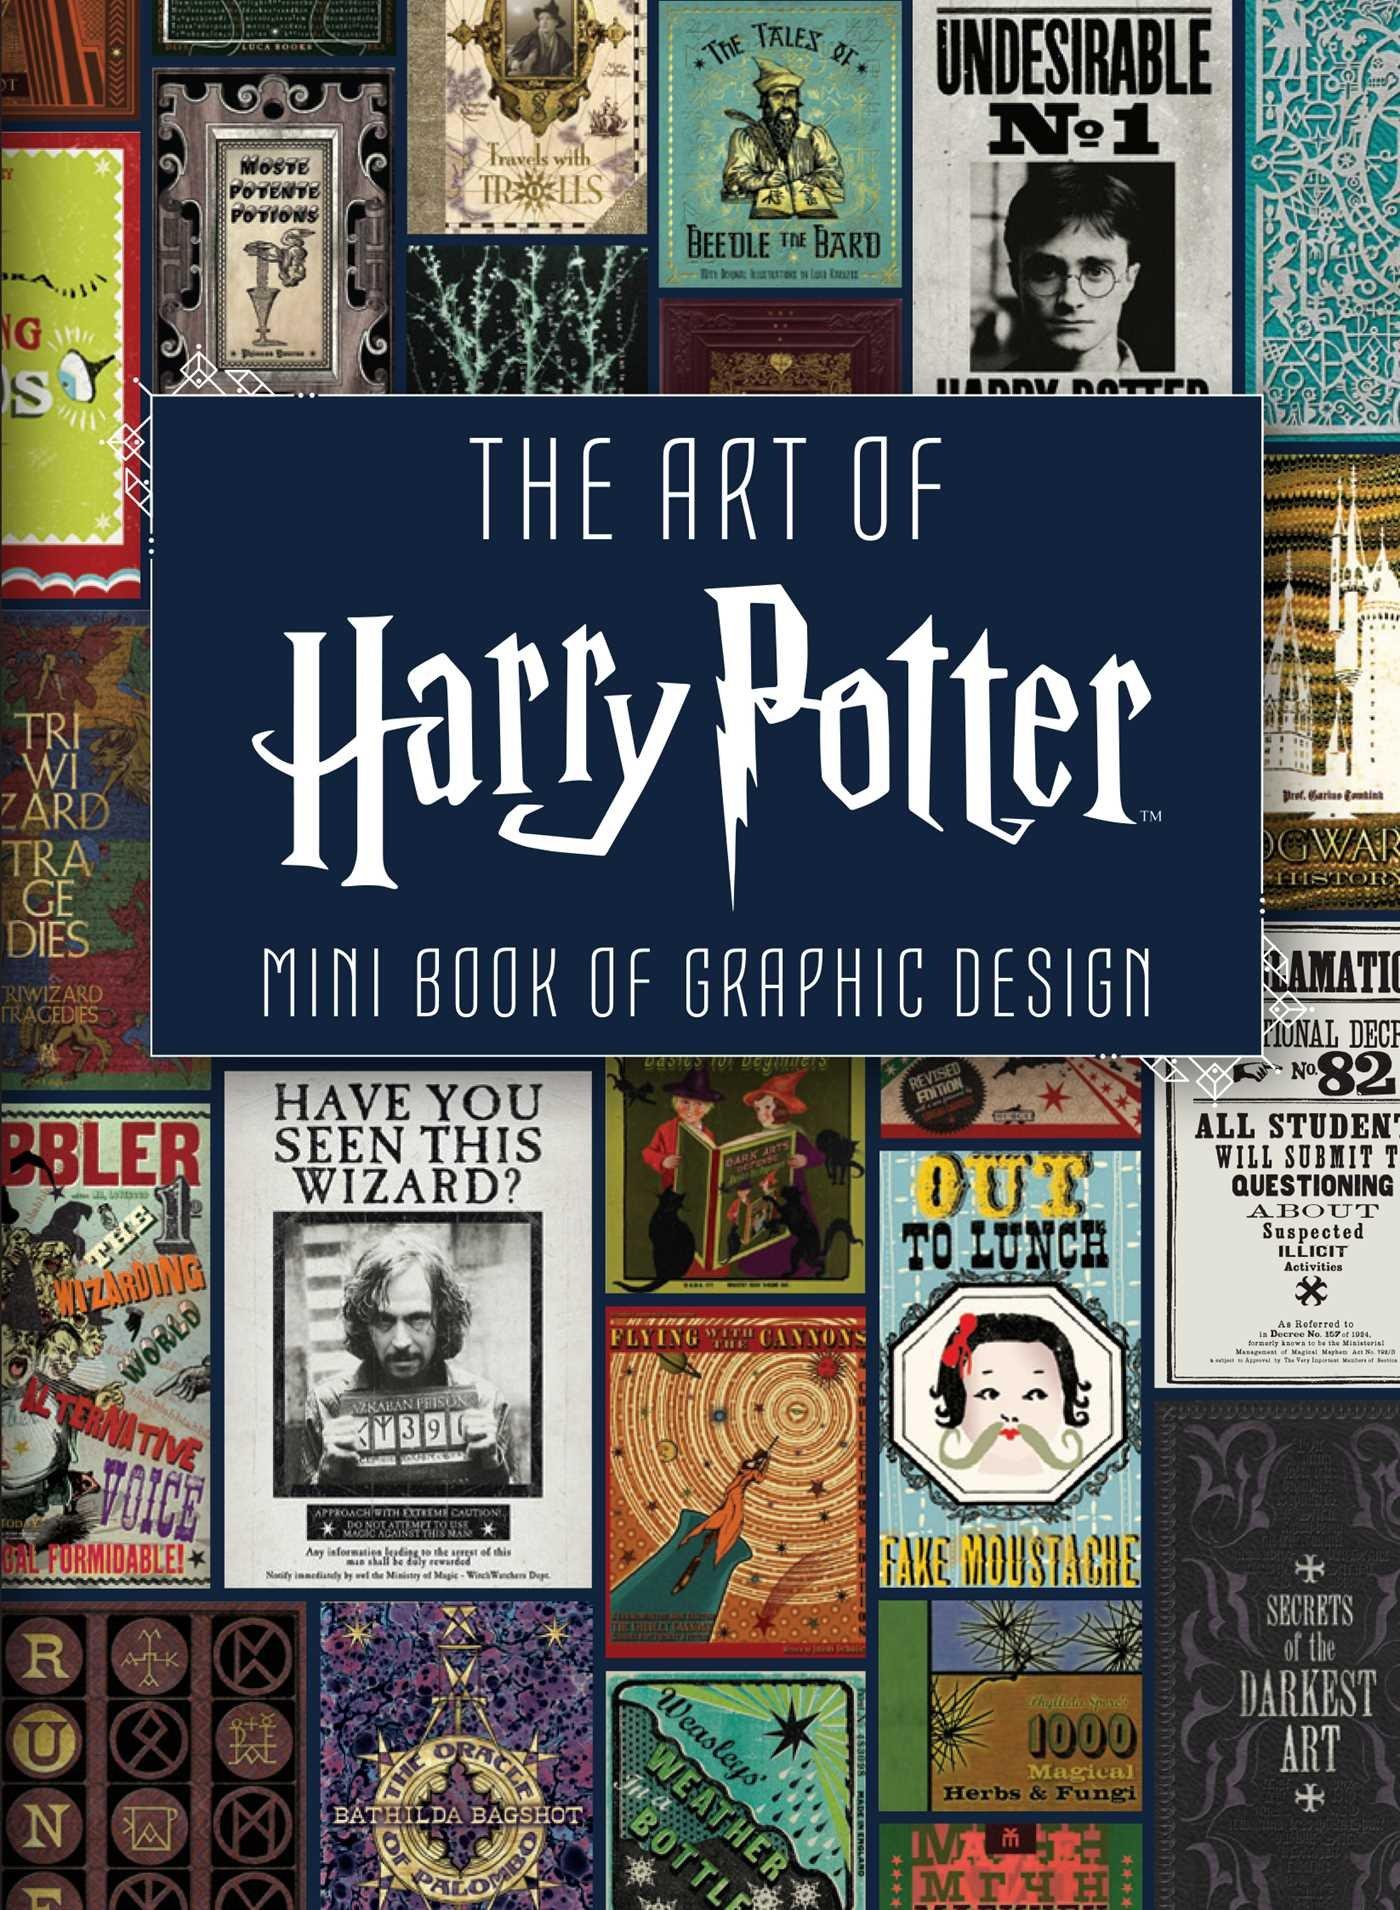 Les livres miniatures sur les coulisses de Harry Potter se multiplient